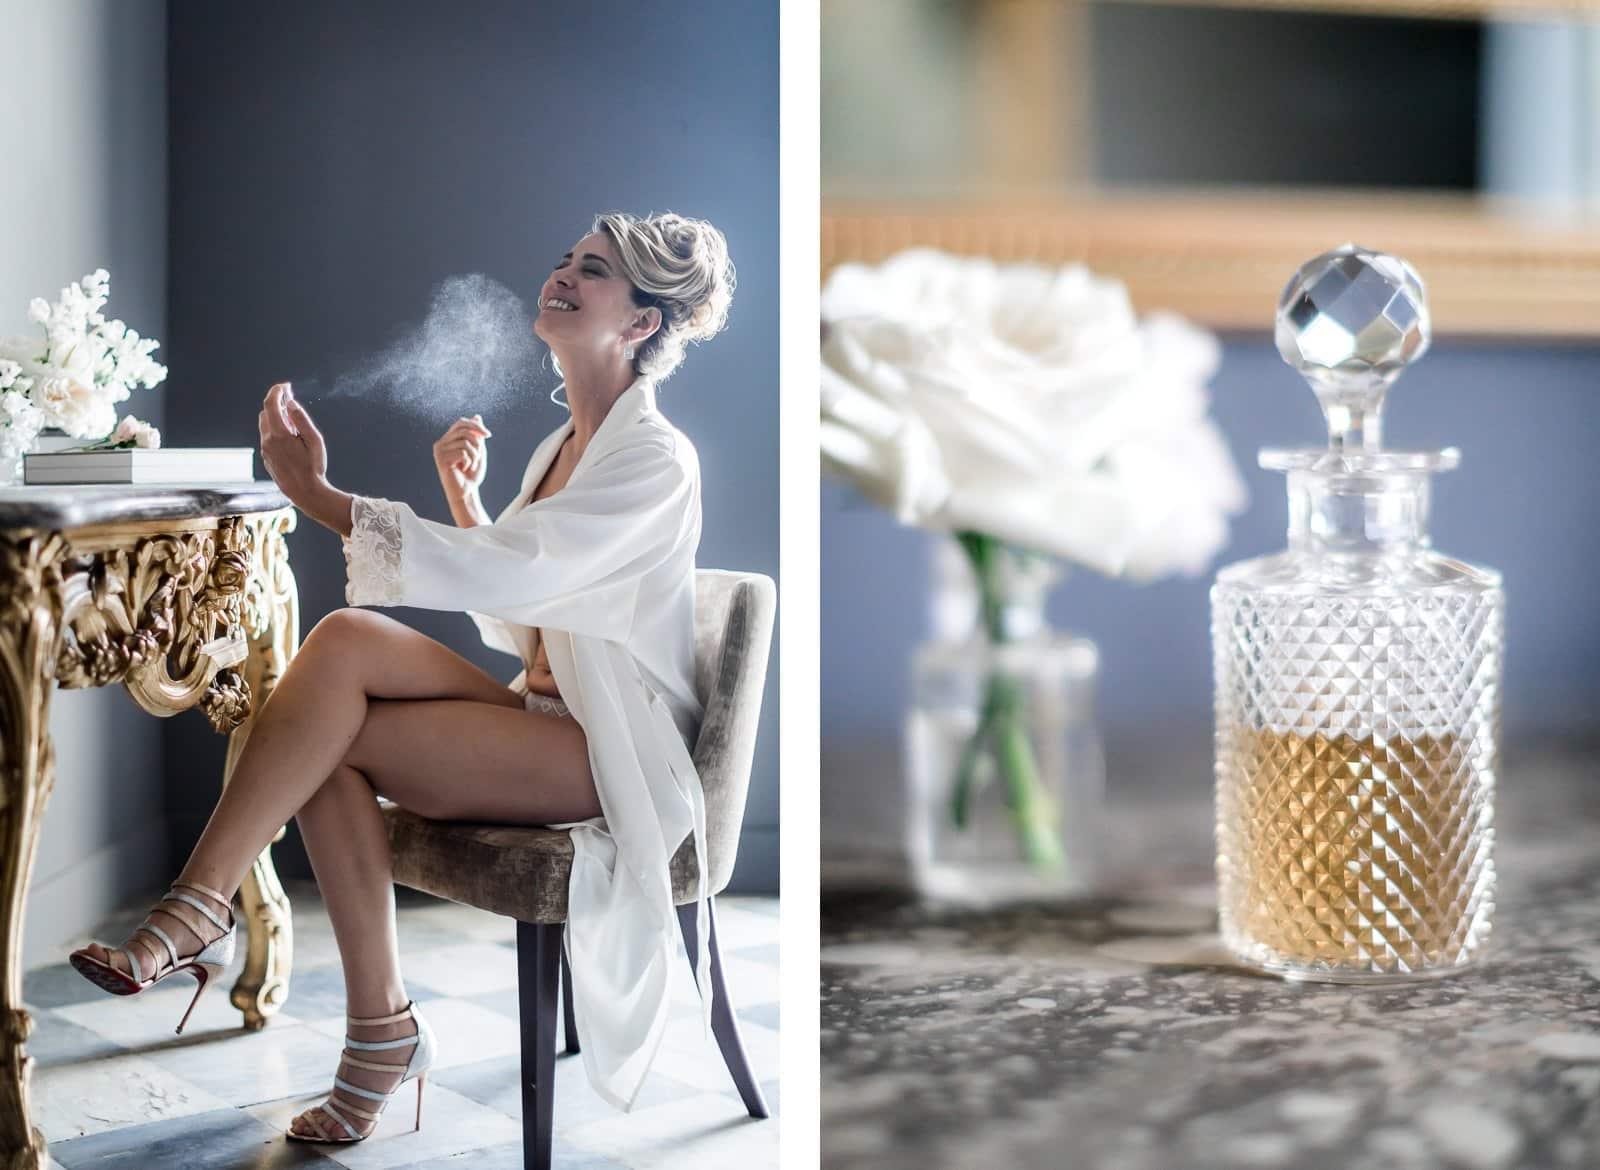 Photographie de Mathieu Dété présentant des portraits et détails du parfum de la mariée pendant ses préparatifs à l'intérieur de la Villa Brignac à Ollioules